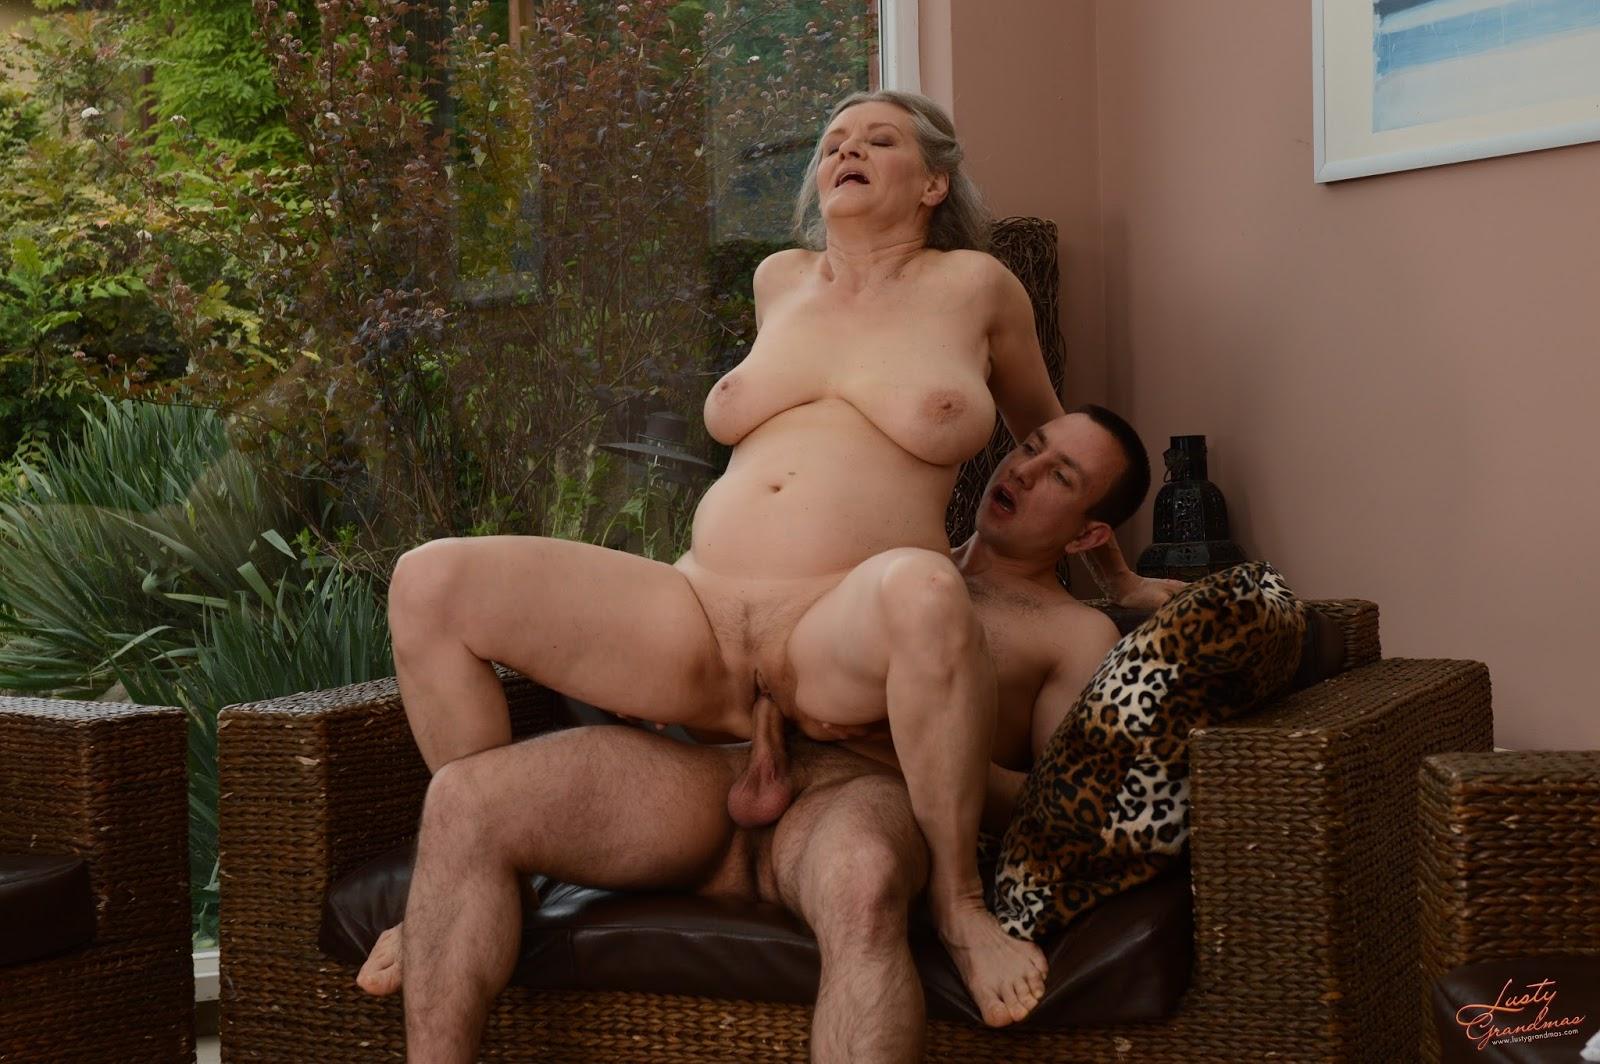 Секс с тестем тещей, Теща - Порно видео ролики смотреть онлайн бесплатно 2 фотография